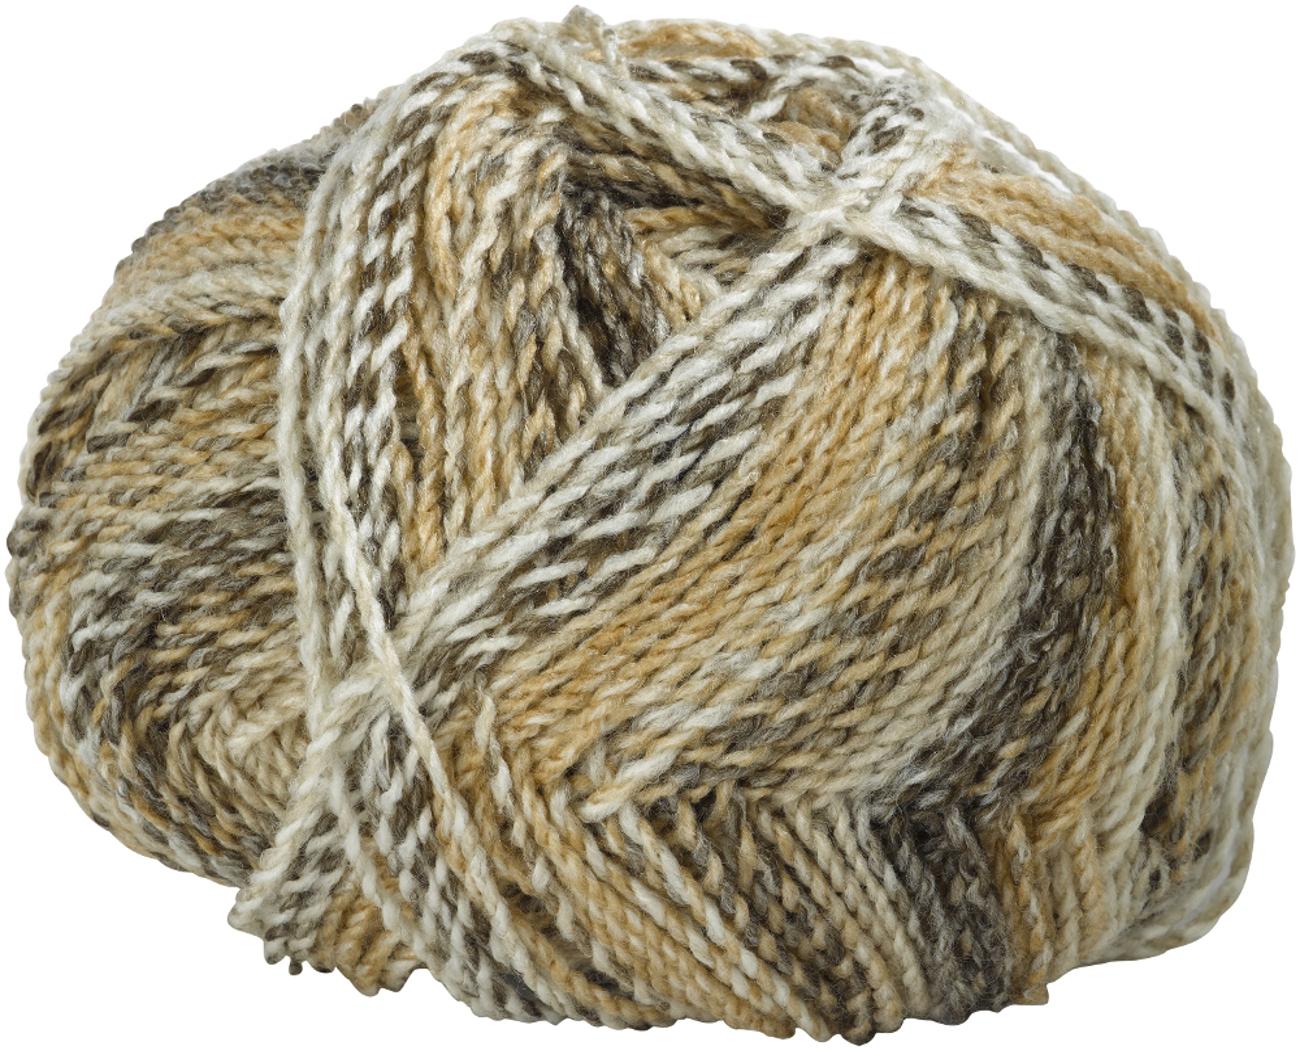 Chunky Yarn : ... Brett Marble Chunky Craft Wool Soft 100% Acrylic Knitting Yarn eBay